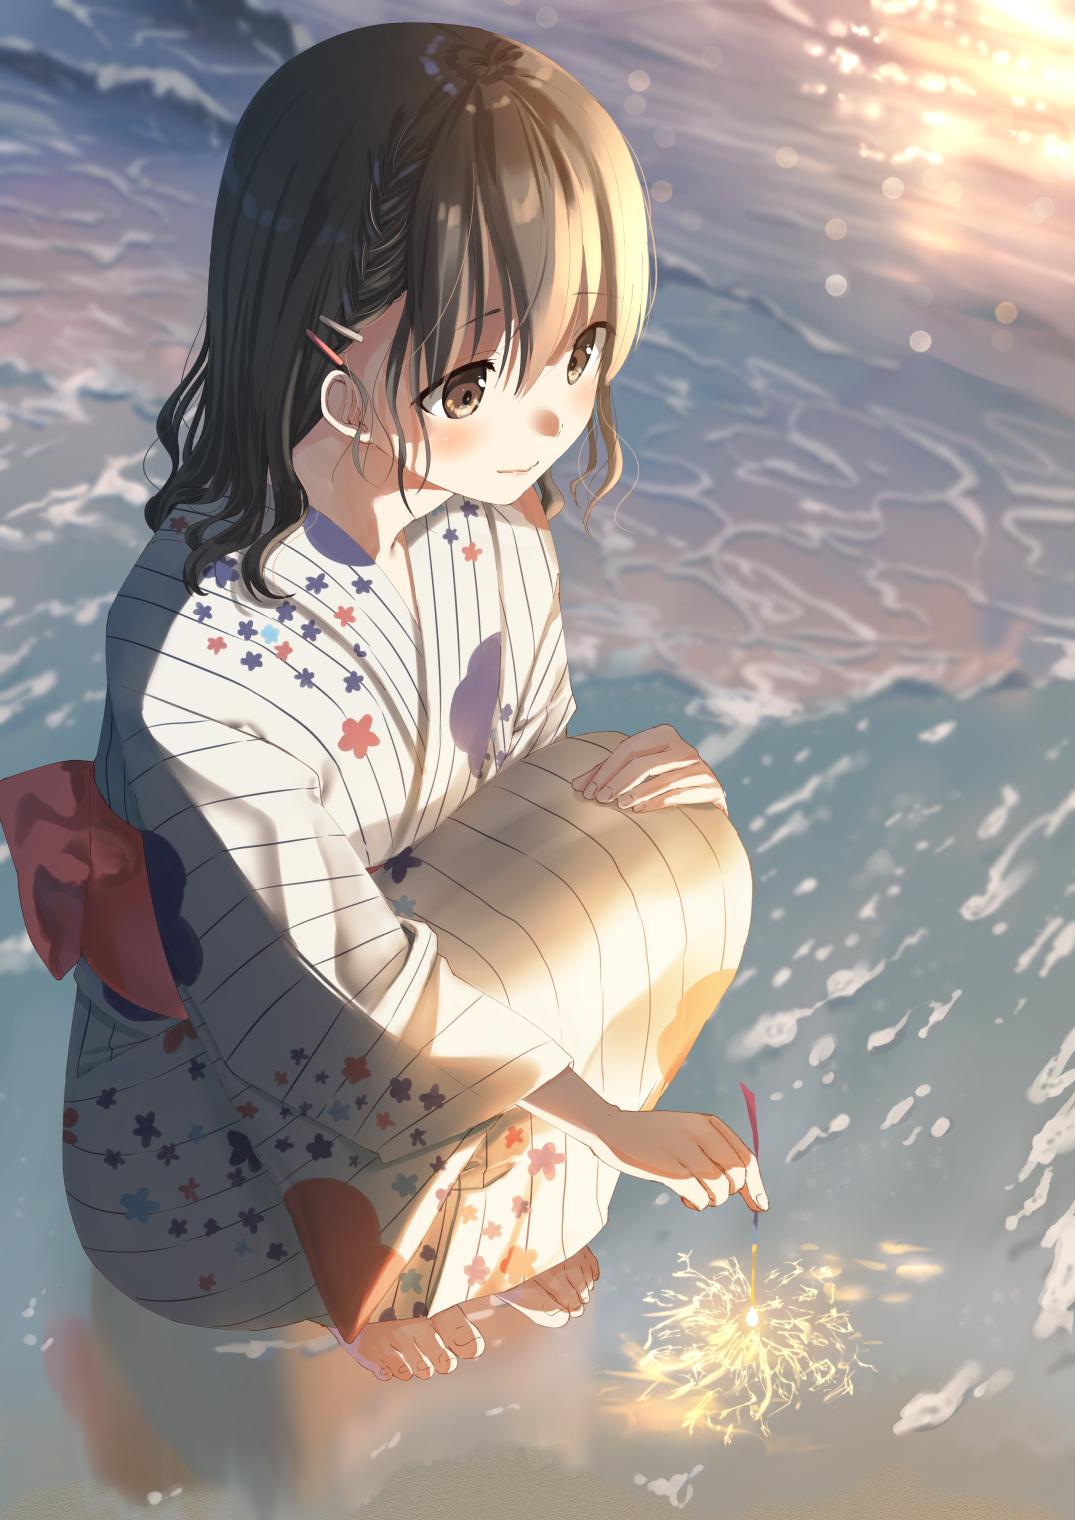 線香花火 くきはの作品 Pixiv アニメ着物 マンガアニメ 芸術的アニメ少女